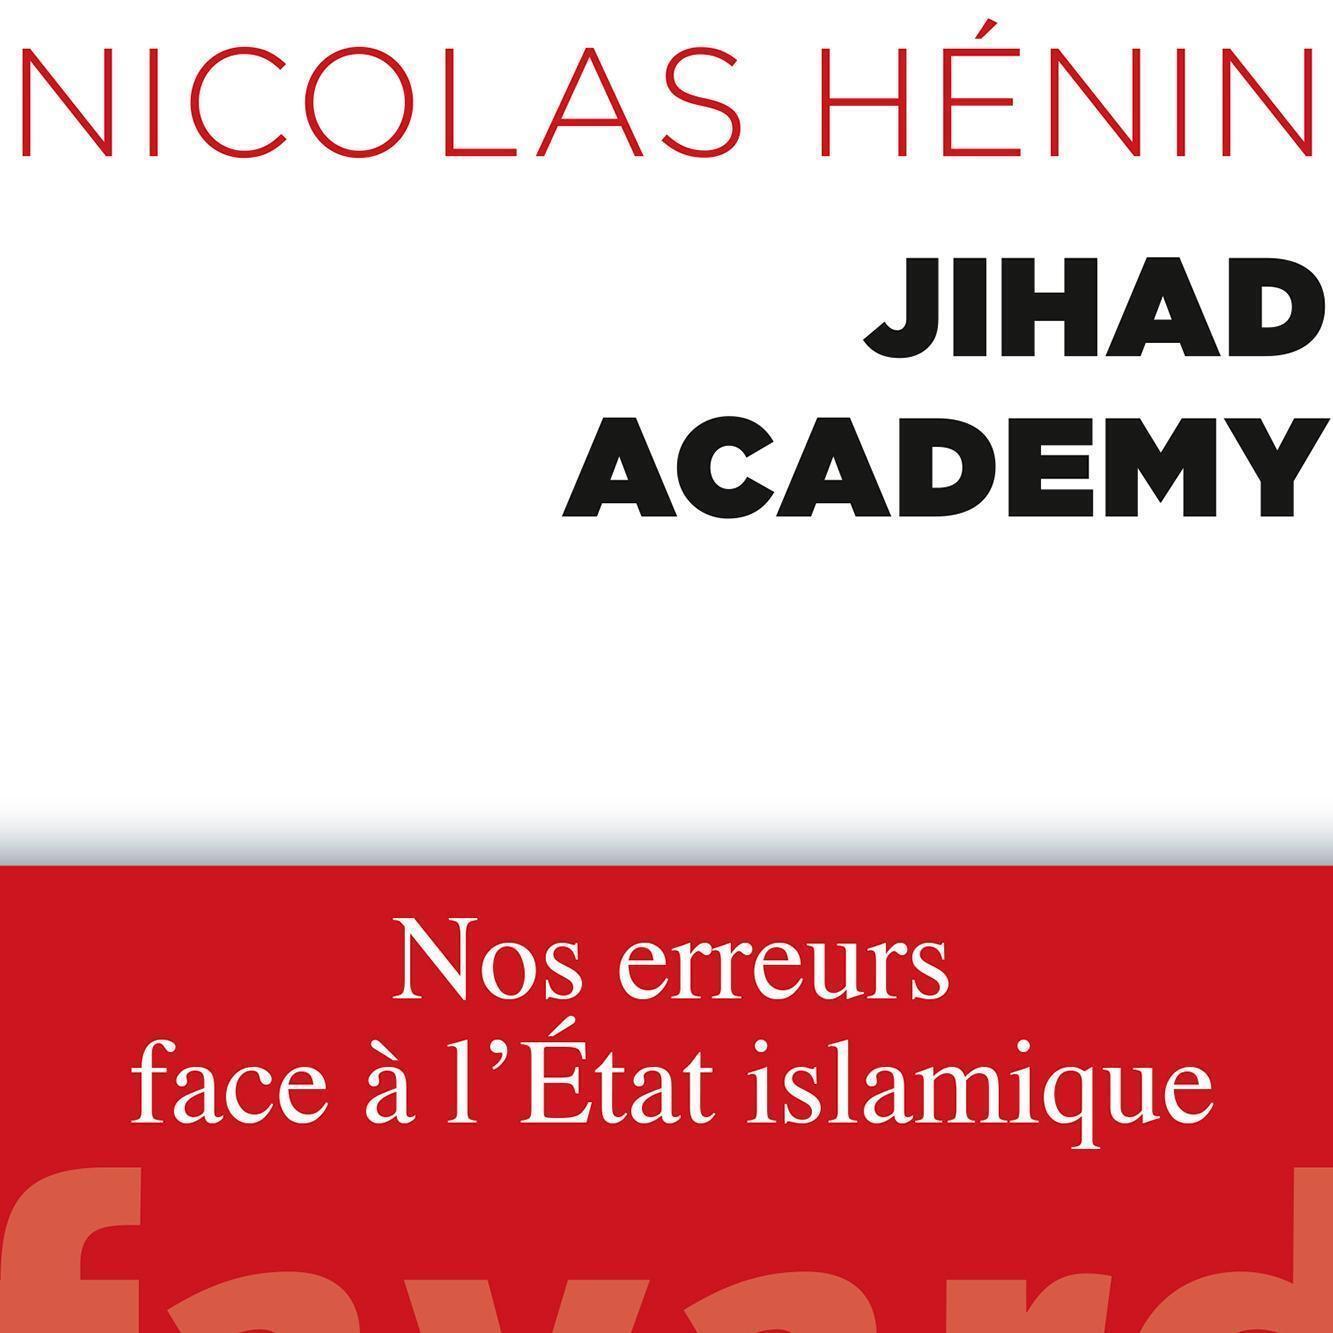 """Trang bìa cuốn sách Jihad Academy. Những sai lầm của chúng ta trước """"Nhà nước Hồi giáo"""", của nhà báo độc lập Nicolas Hénin, chuyên gia về vùng Trung Cận Đông."""